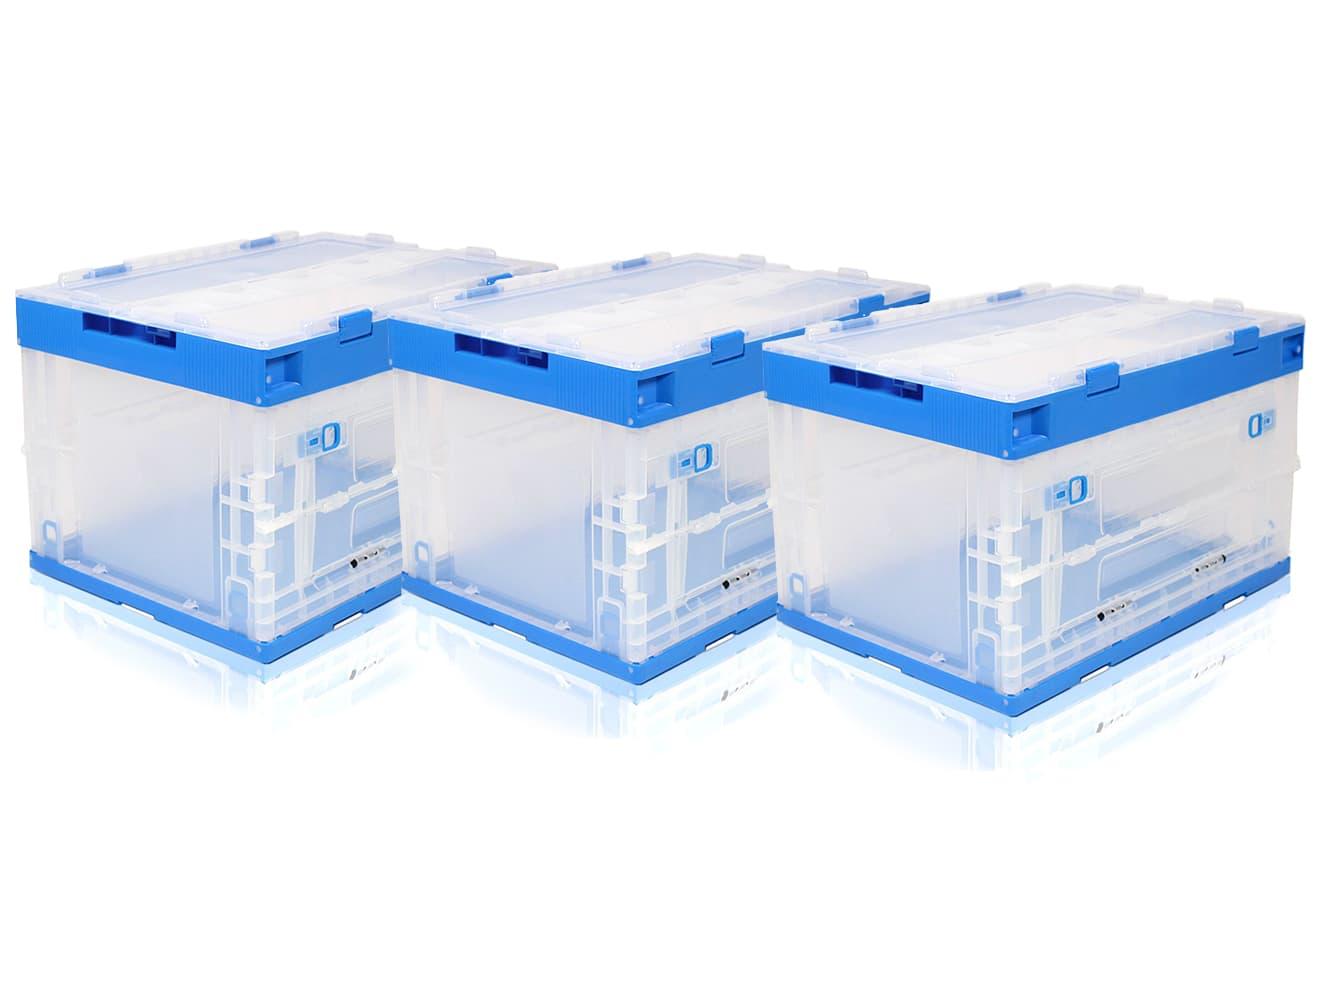 【3個セット】折り畳みコンテナ 50L 中窓1箇所付(長辺1) 透明&青◆オリコン コンテナボックス 折りたたみ 収納 収納BOX 工具 道具入れ ツールBOX